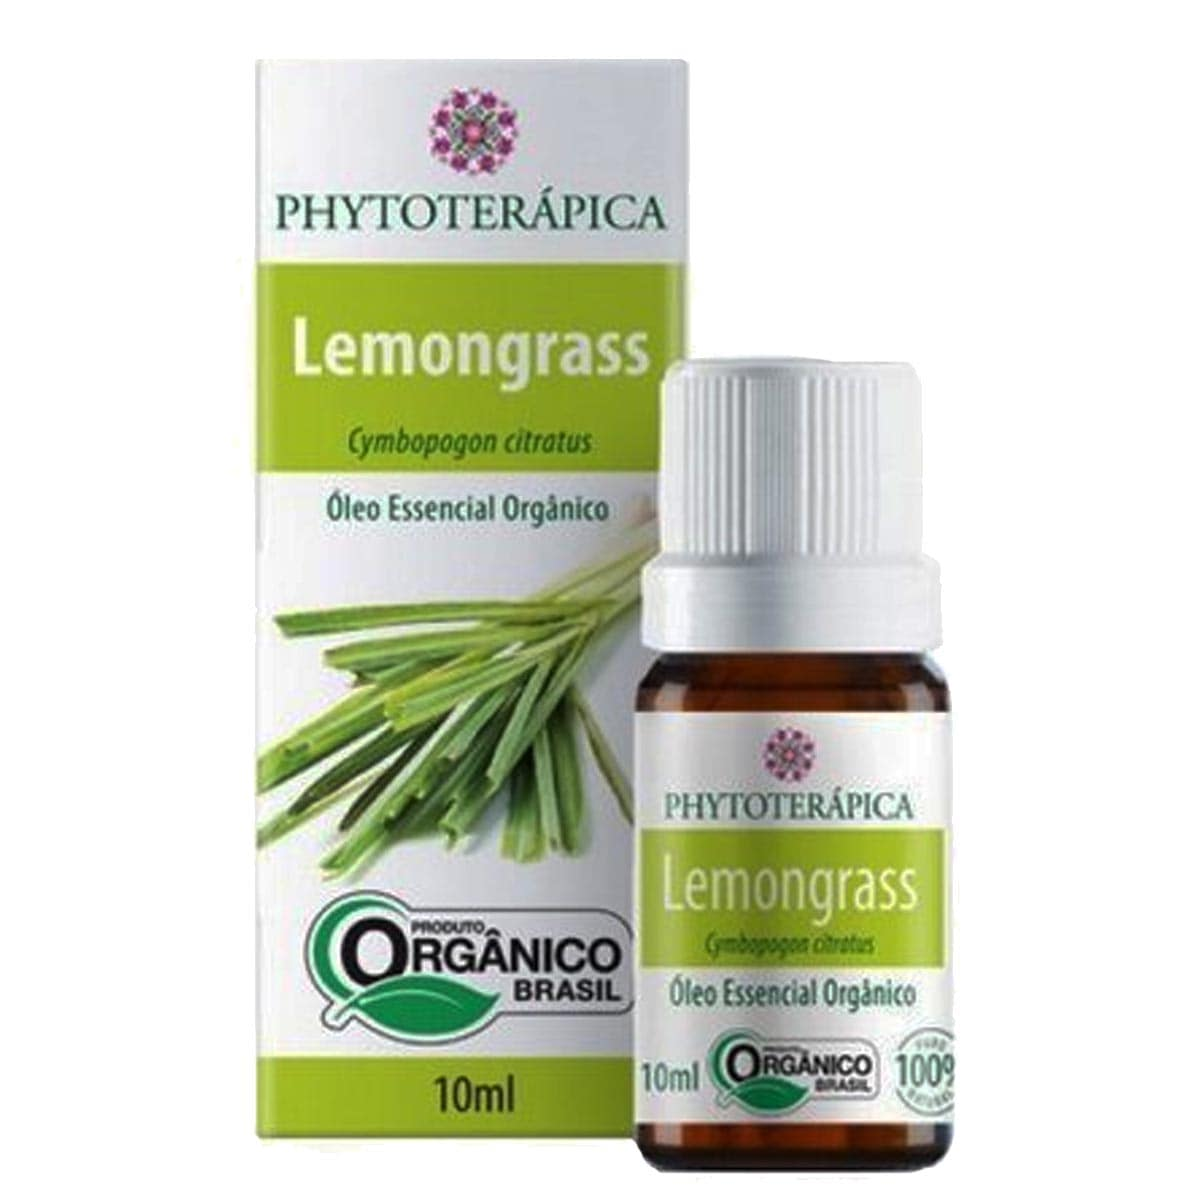 Óleo essencial lemongrass orgânico 10ml - Phytoterápica